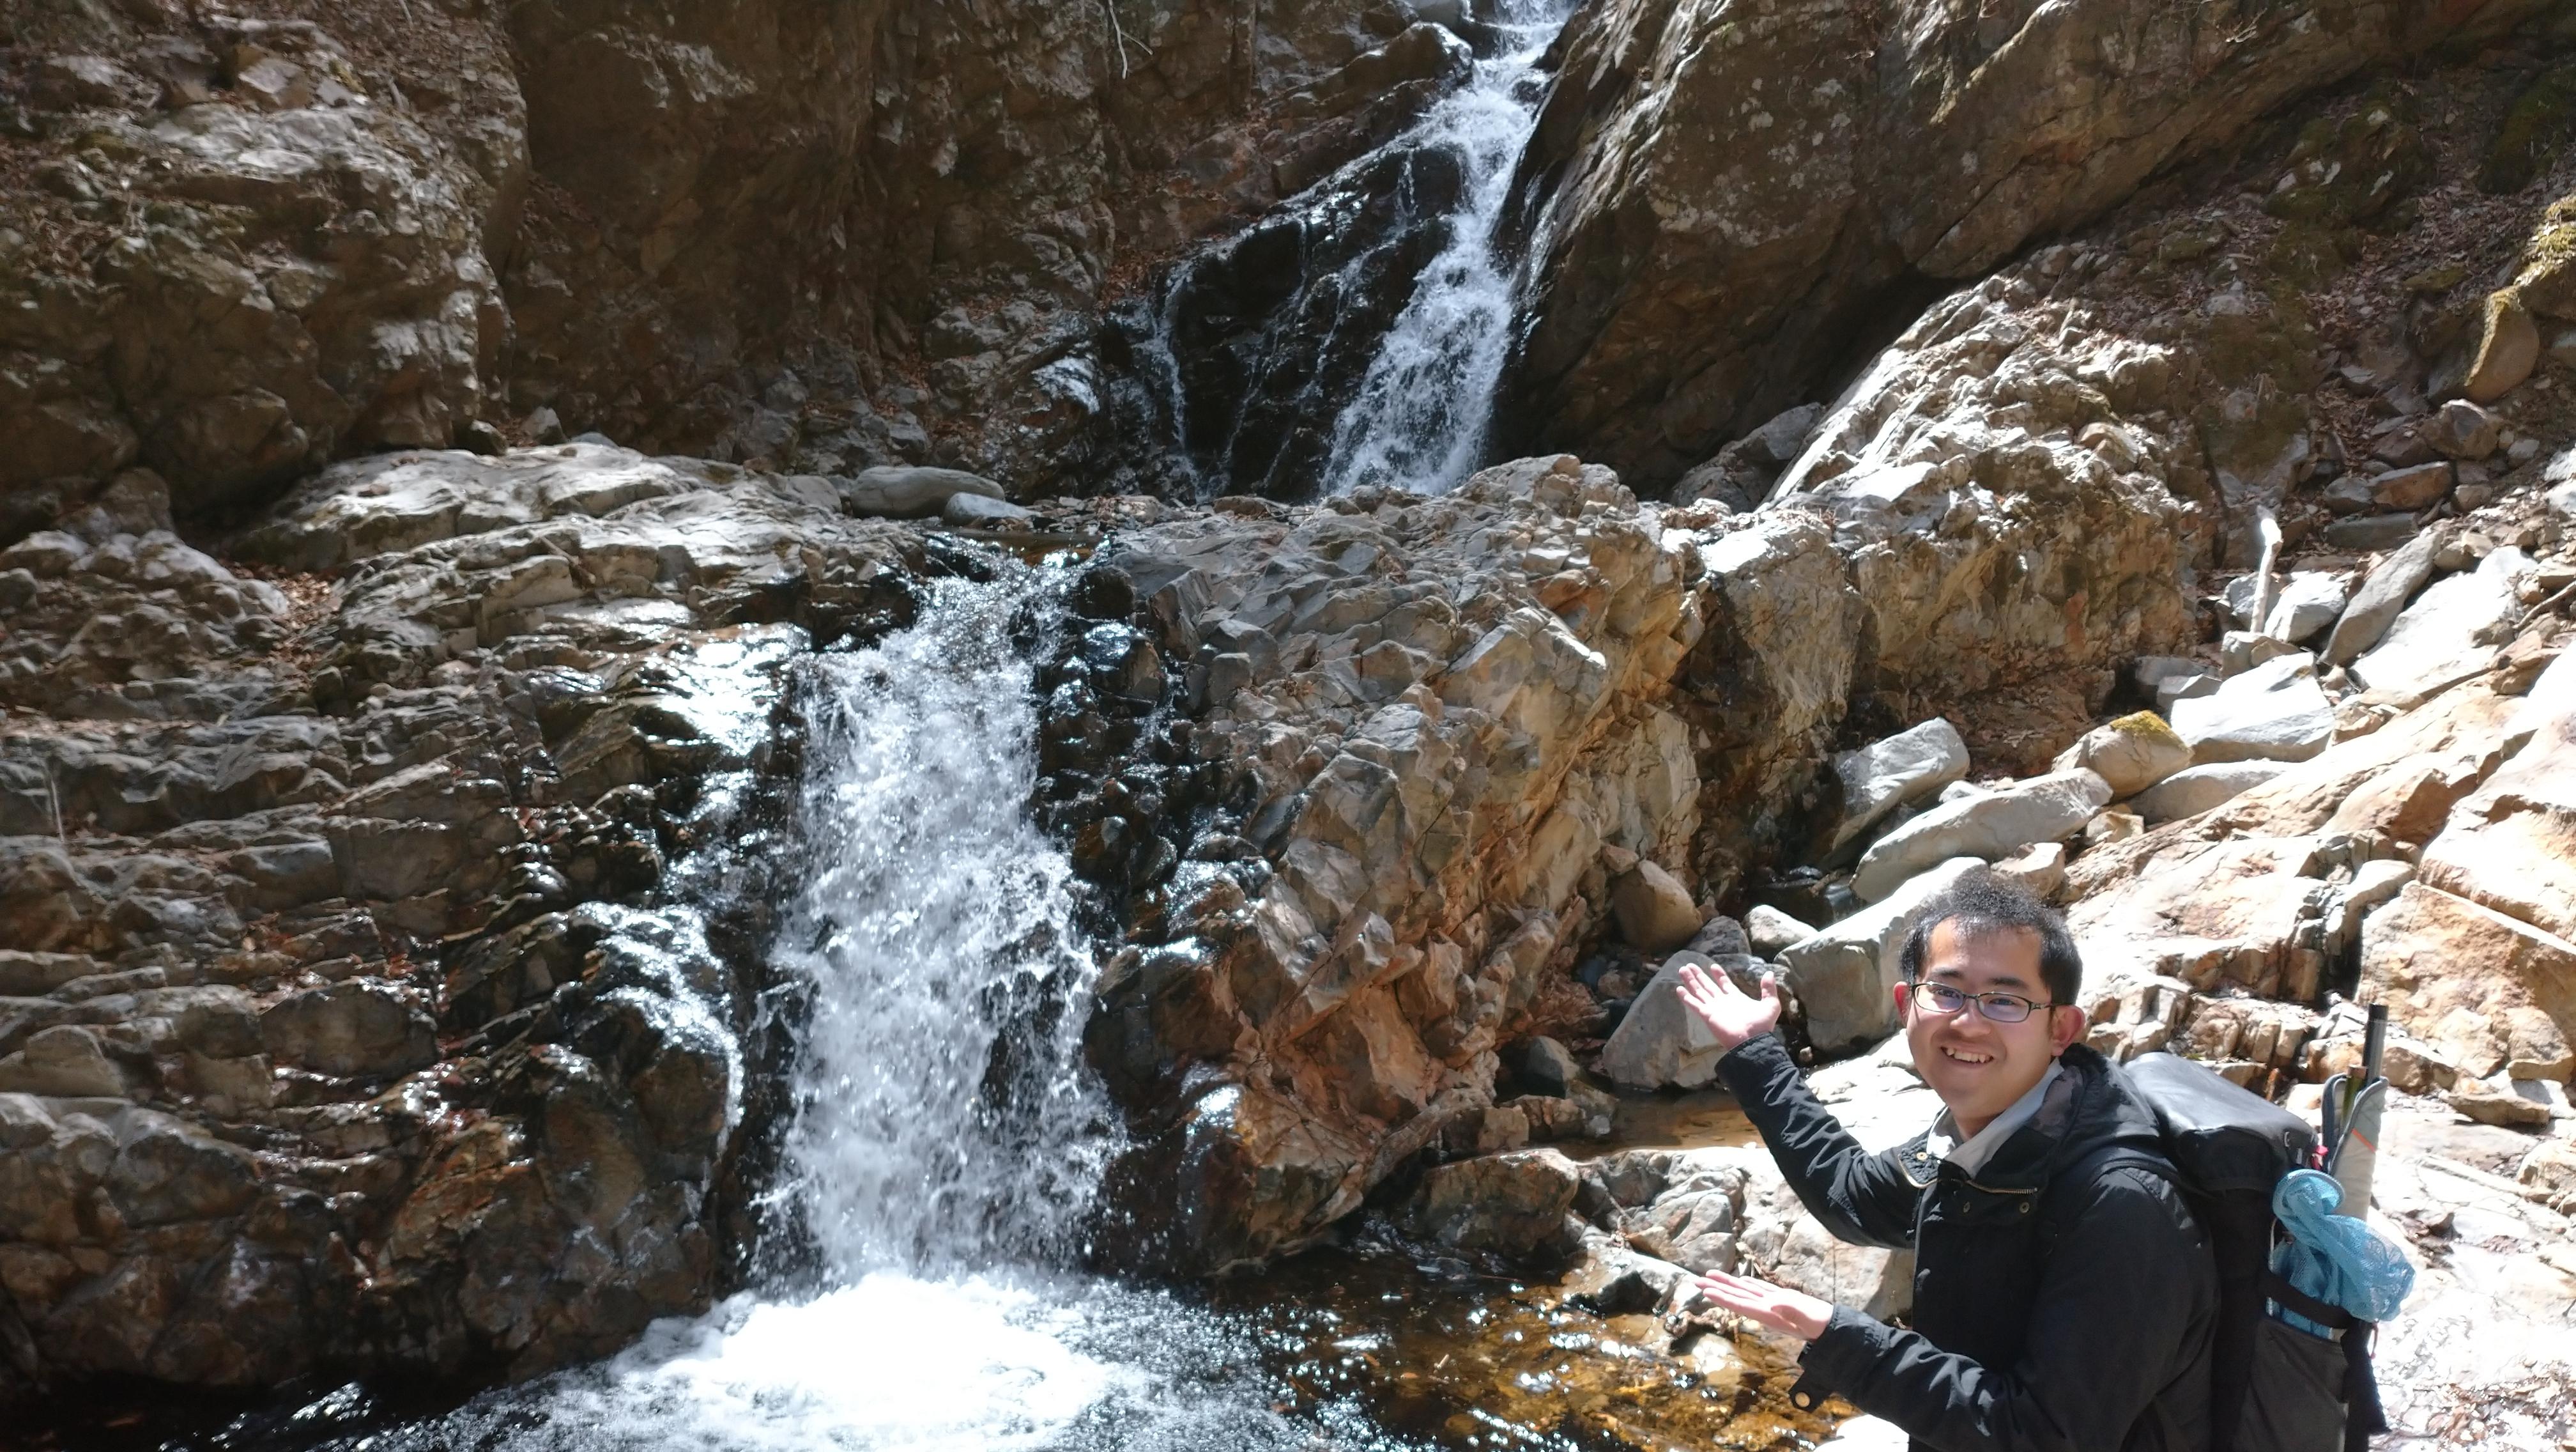 妙見五段の滝を見てきました